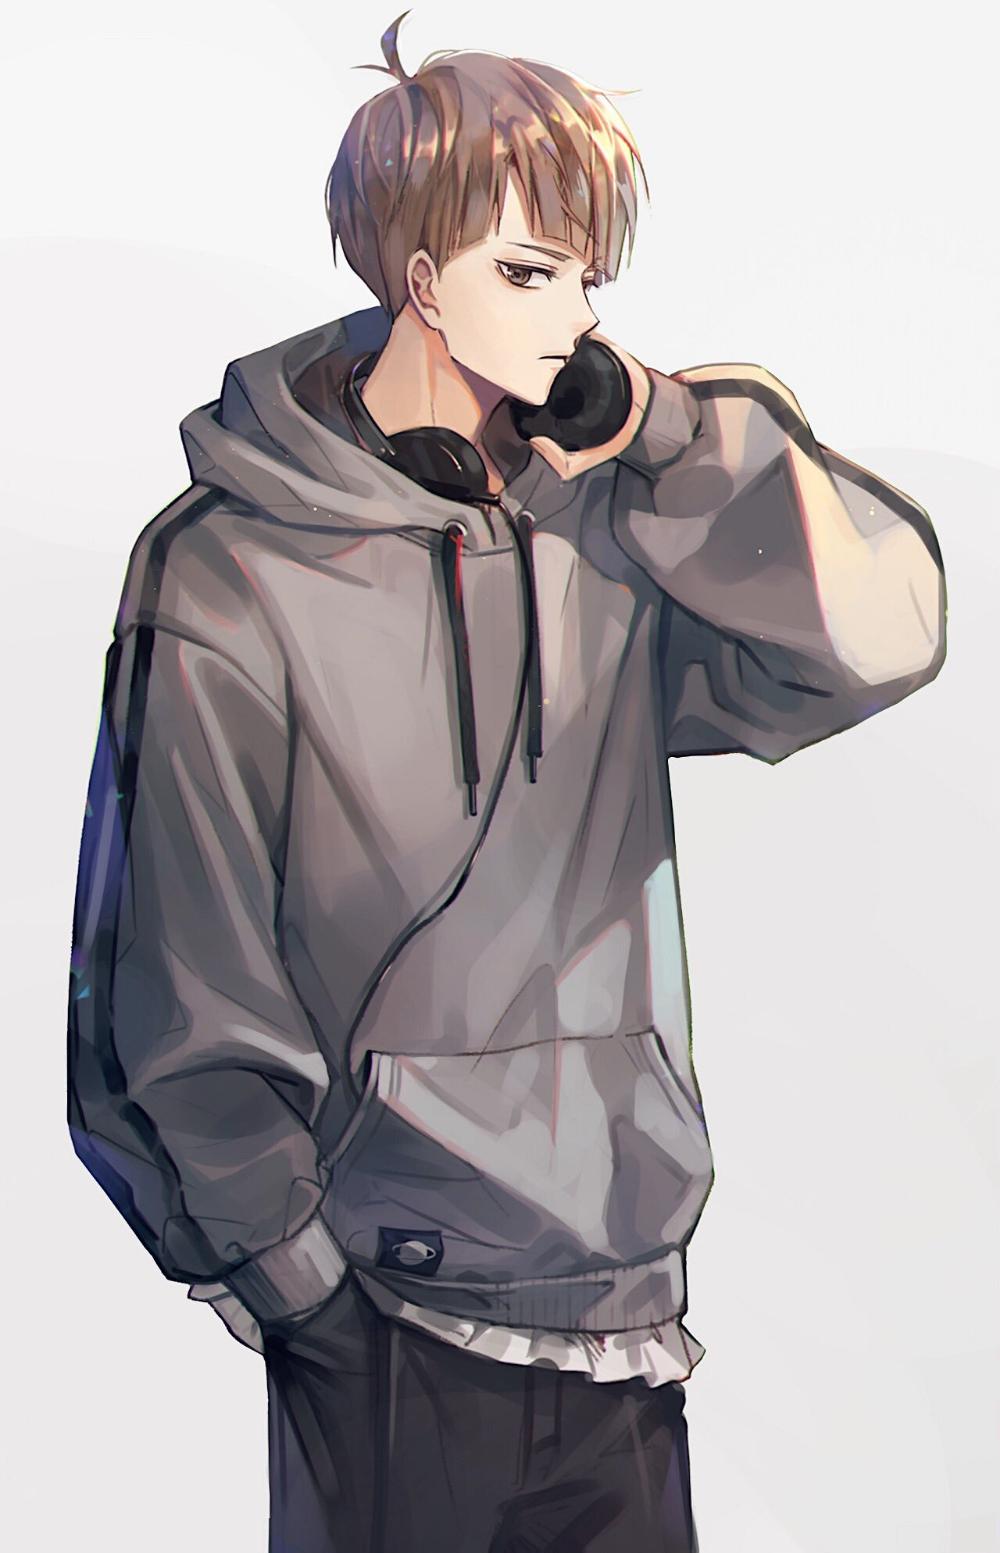 리무무 on Cute anime guys, Anime guys, Hot anime boy